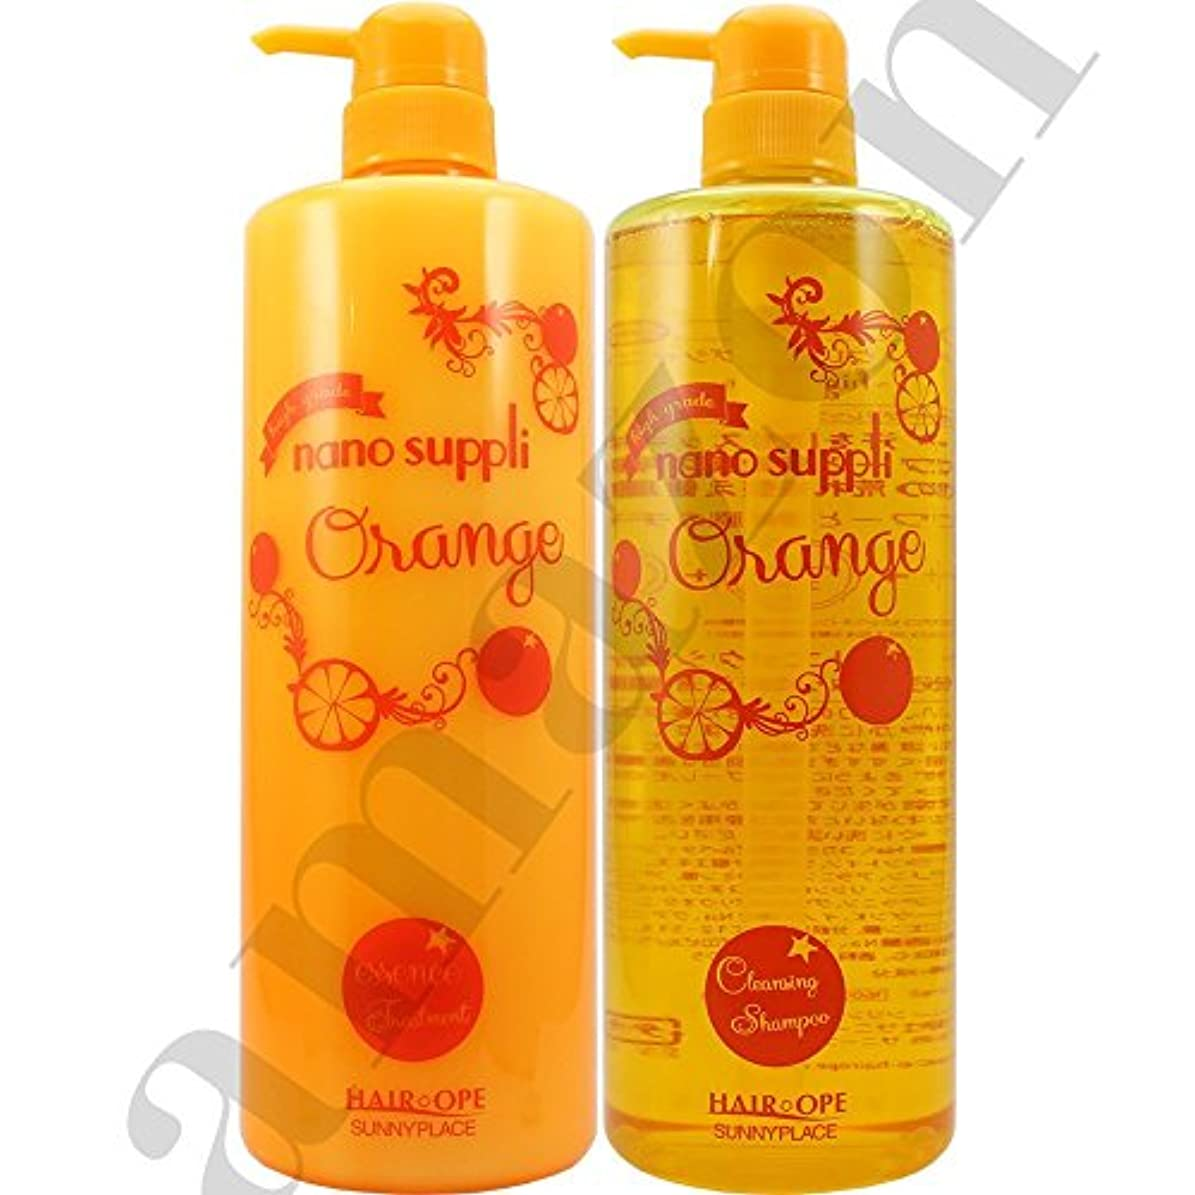 減衰亡命バンサニープレイス ナノサプリ クレンジングシャンプー&コンディショナー オレンジ 1000mlボトルセット